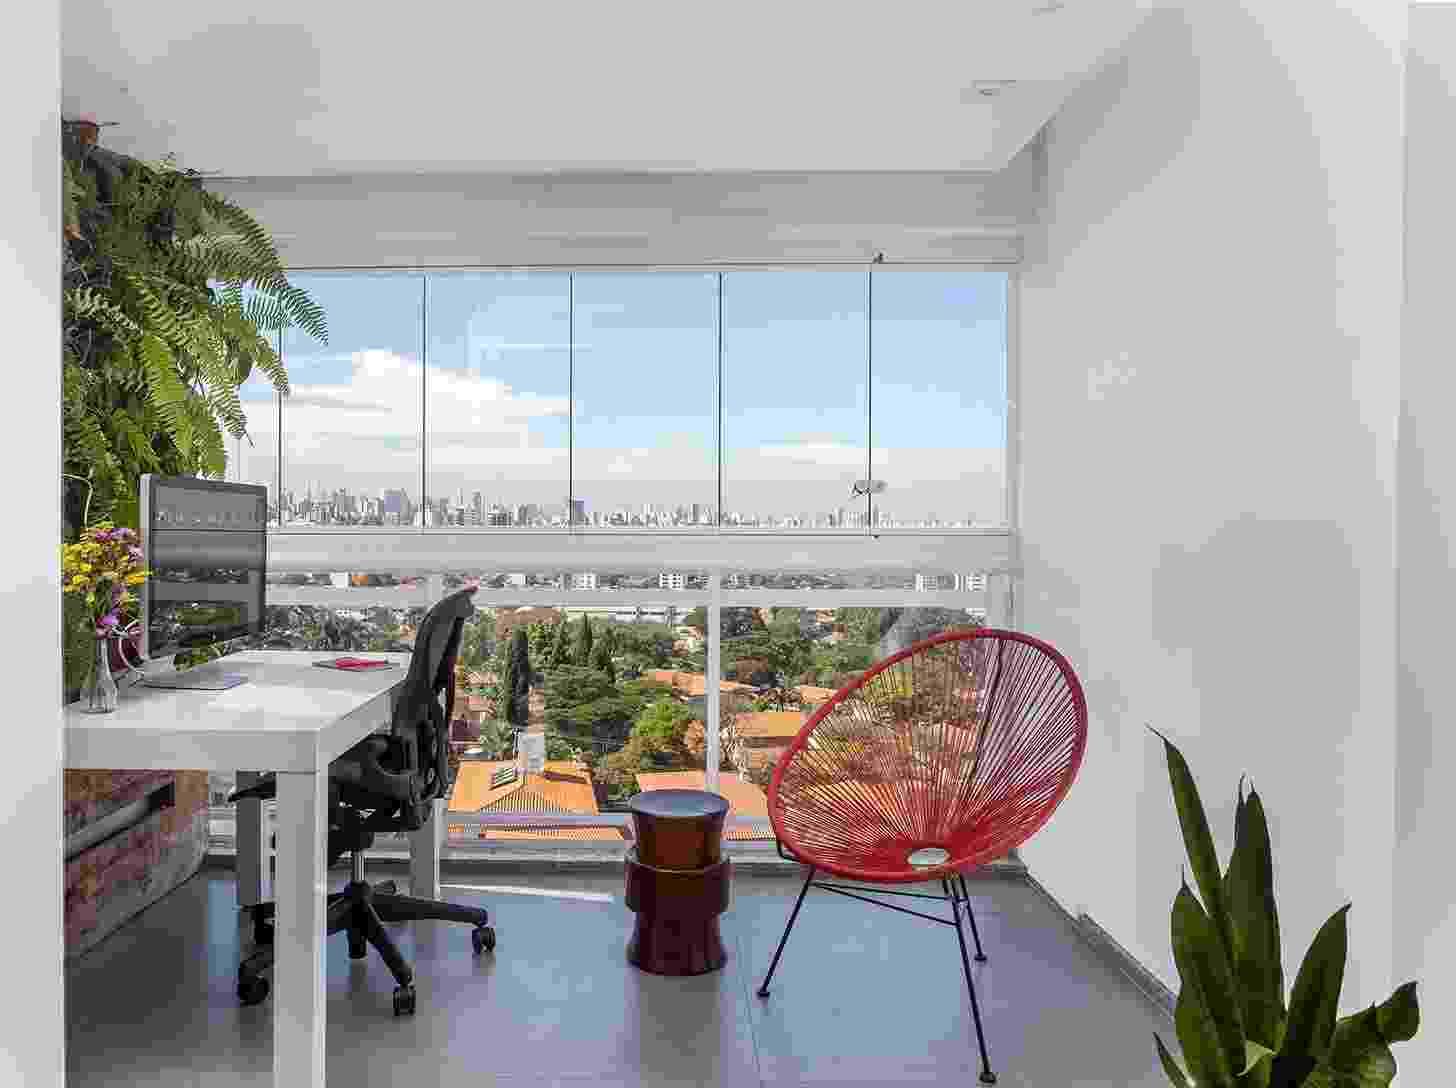 Primavera: ambientes entram no clima da nova estação com muitas plantas - JP Image   Divulgação